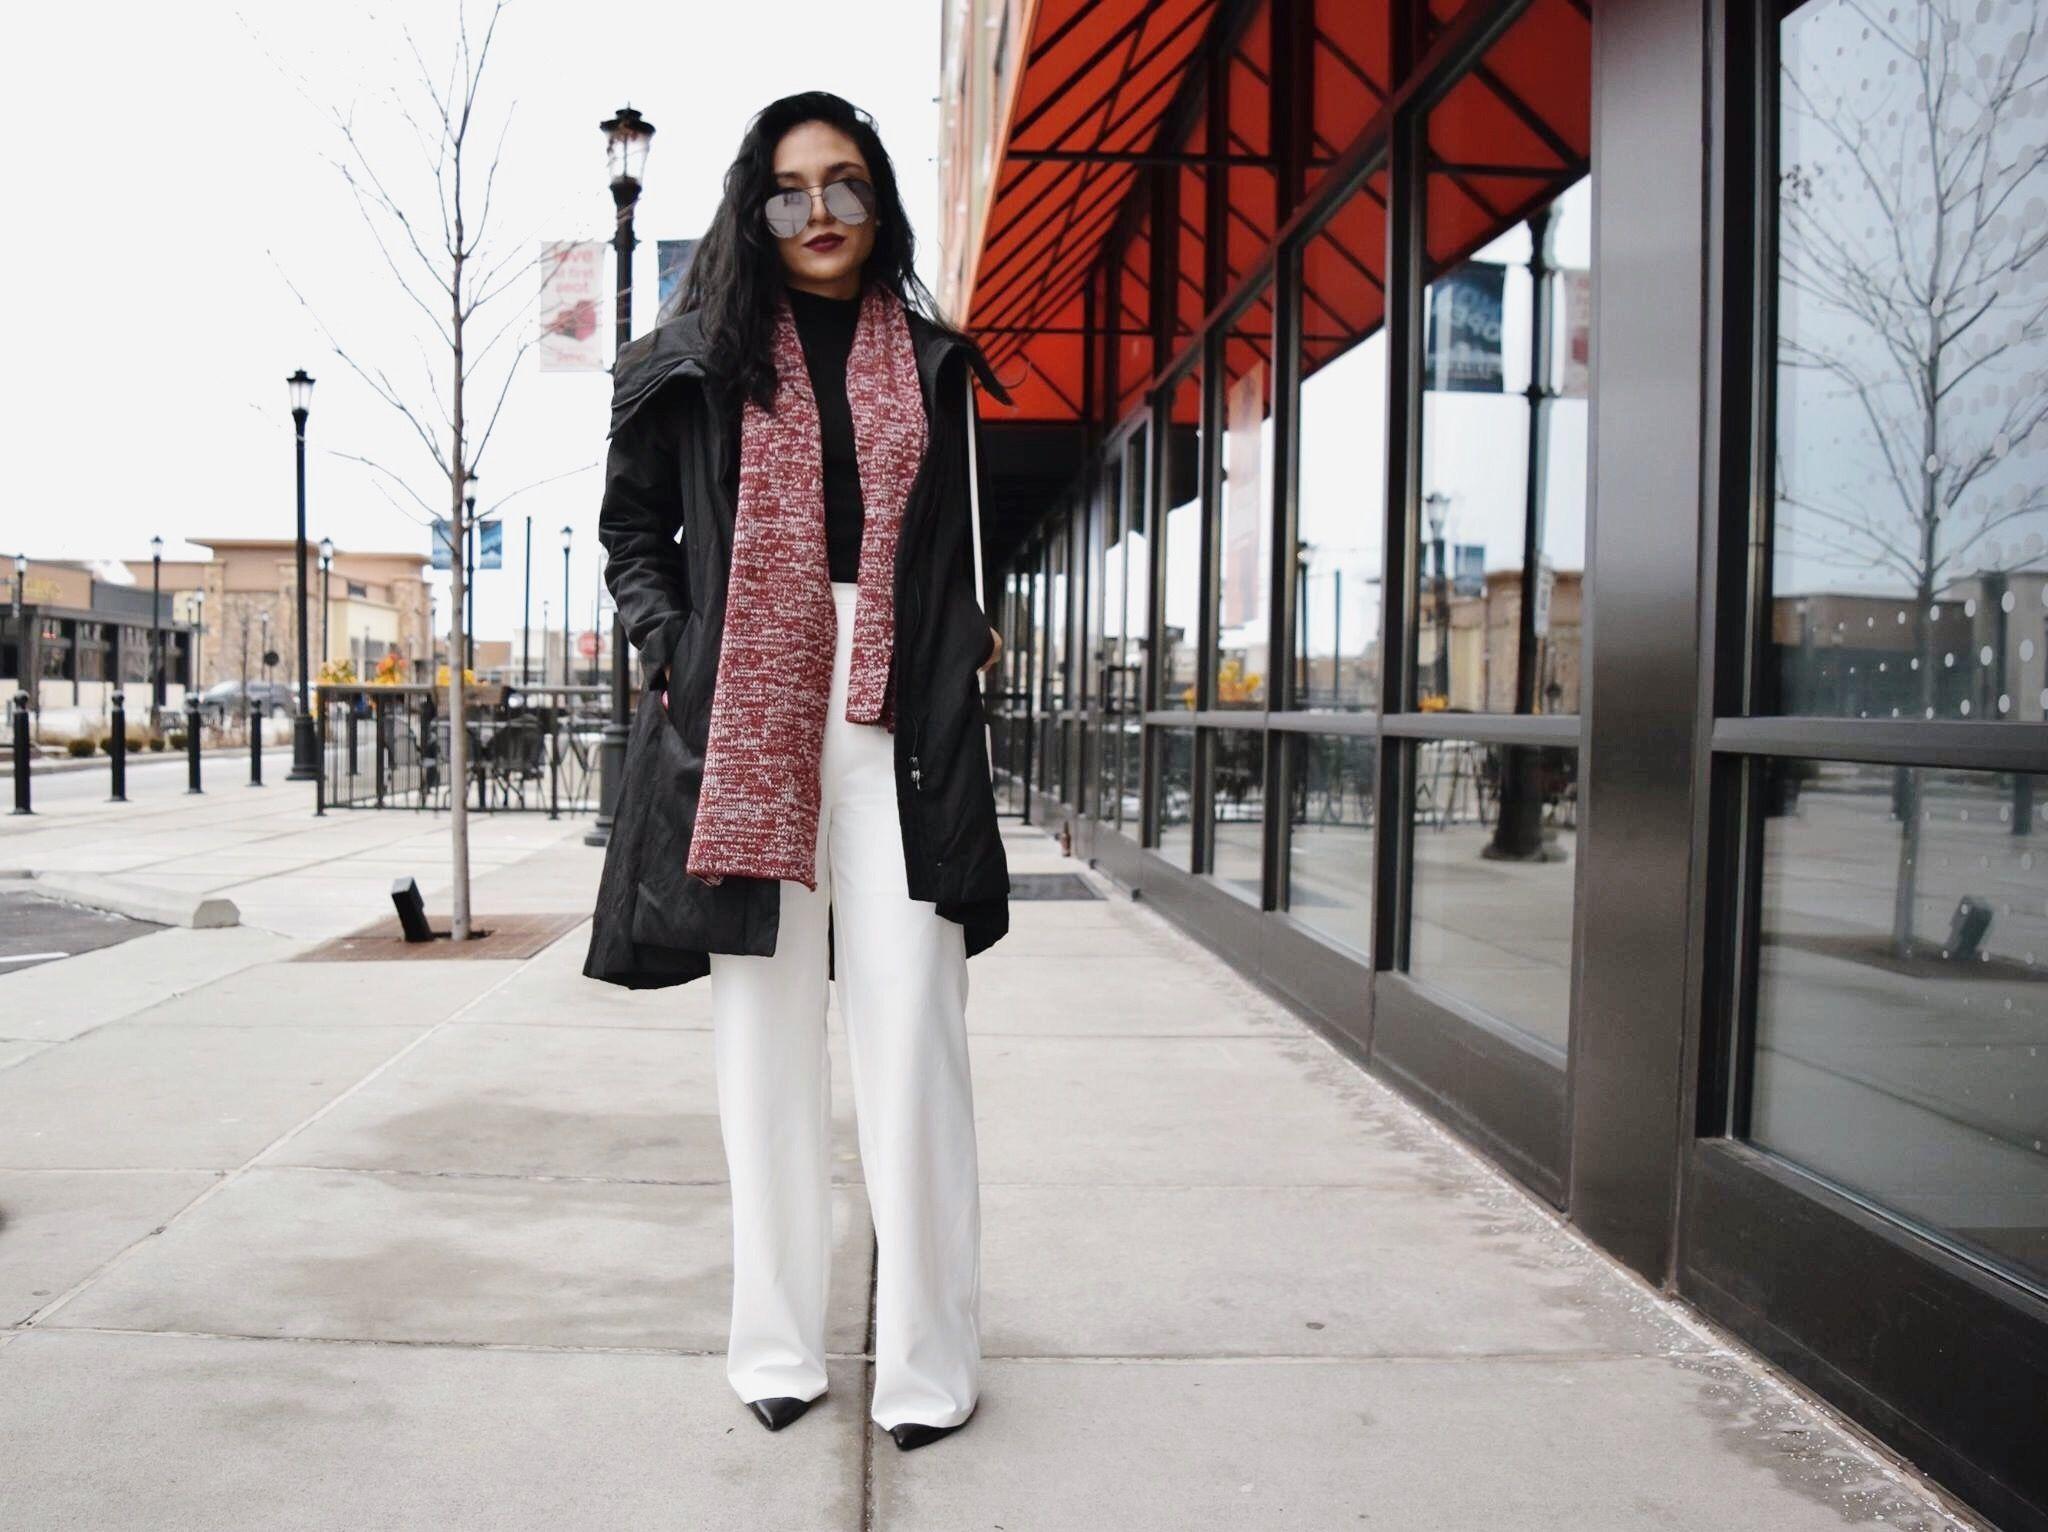 #minimalstyle #winteroutfit